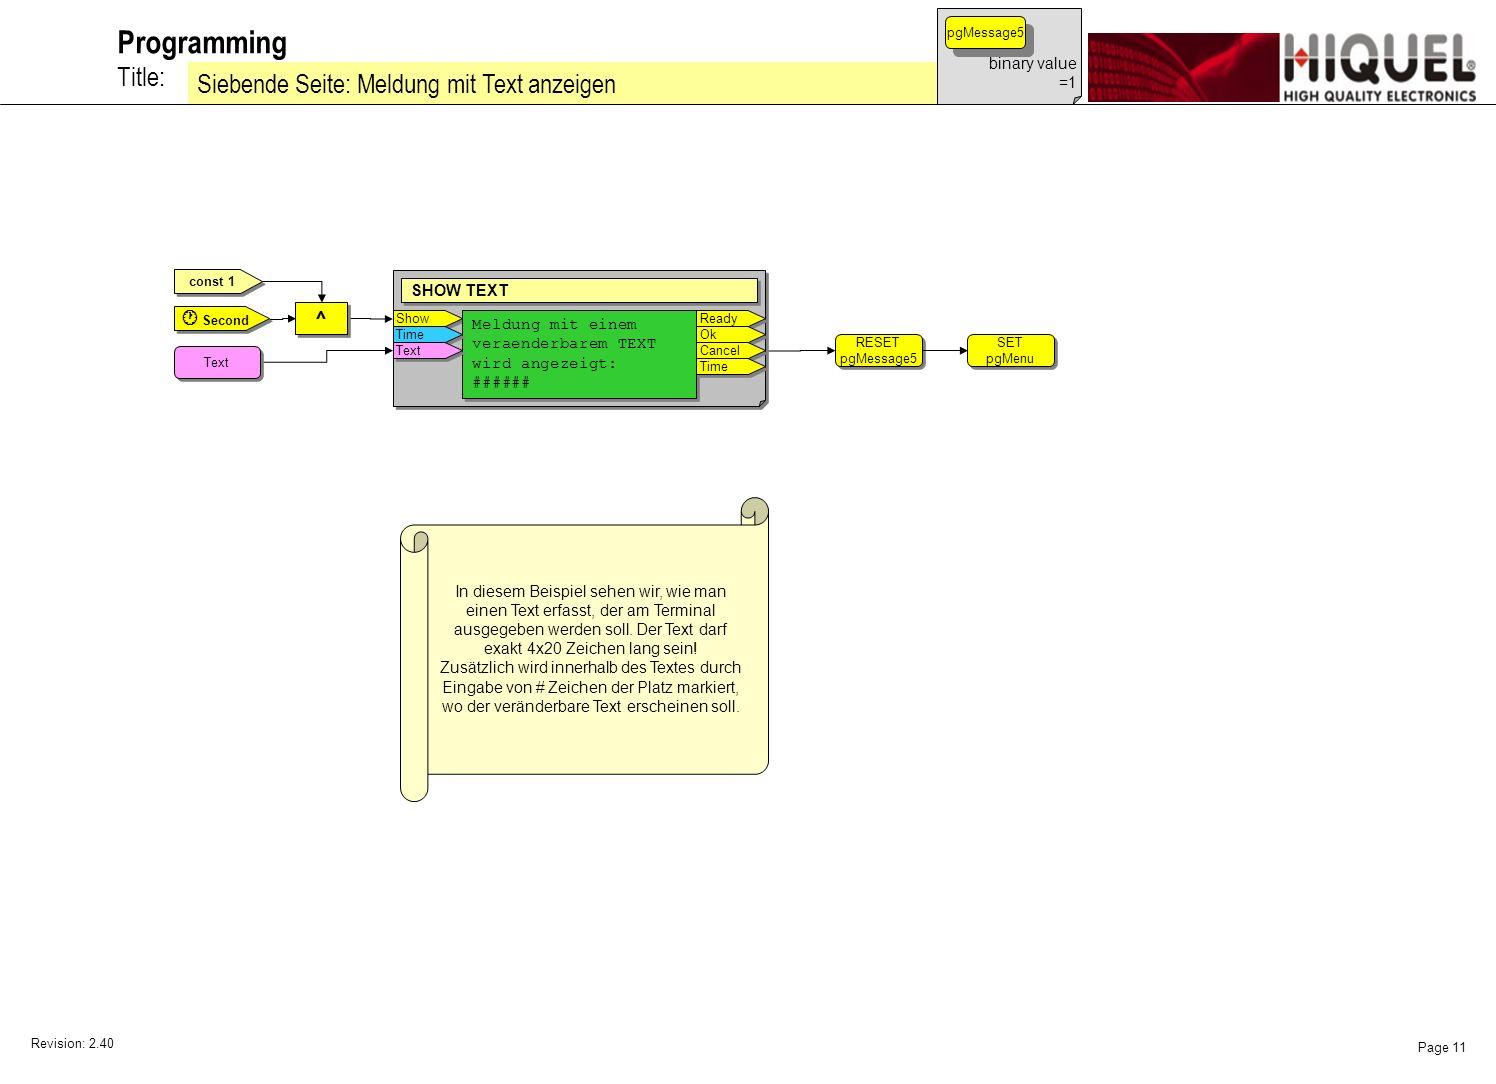 Revision: 2.40 Page 11 Title: Programming Siebende Seite: Meldung mit Text anzeigen binary value =1 pgMessage5 const 1 SET pgMenu SET pgMenu RESET pgMessage5 RESET pgMessage5 ^ ^ Second Show SHOW TEXT Meldung mit einem veraenderbarem TEXT wird angezeigt: ###### Meldung mit einem veraenderbarem TEXT wird angezeigt: ###### Ready Ok Cancel Time Text In diesem Beispiel sehen wir, wie man einen Text erfasst, der am Terminal ausgegeben werden soll.